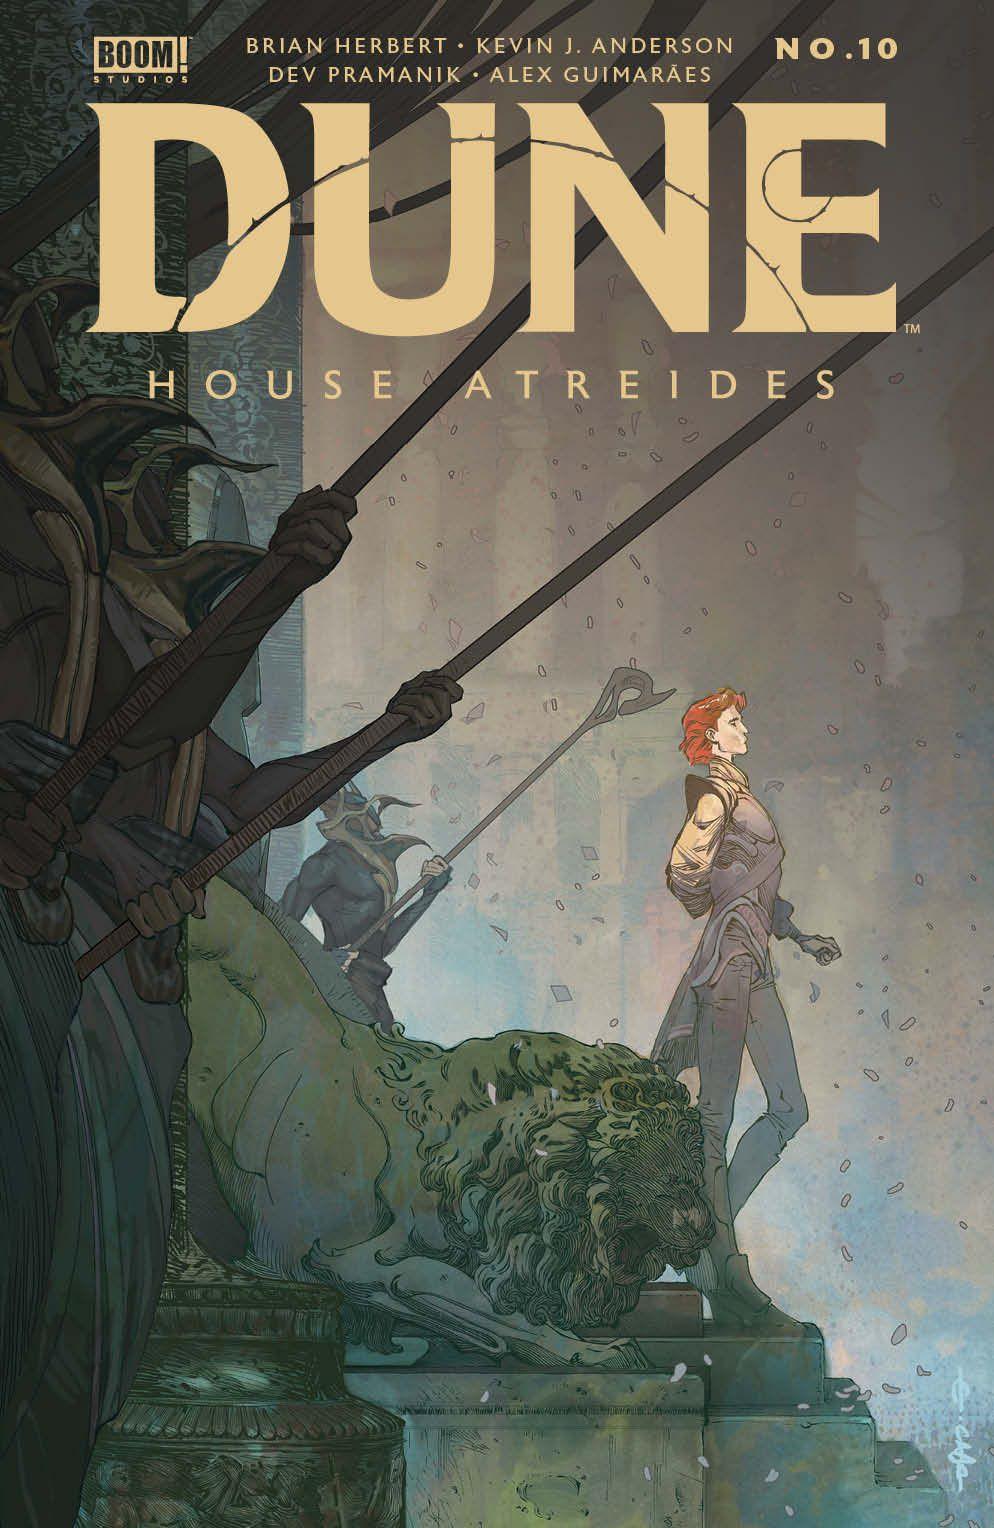 Dune_HouseAtreides_010_Cover_A_Main ComicList Previews: DUNE HOUSE ATREIDES #10 (OF 12)